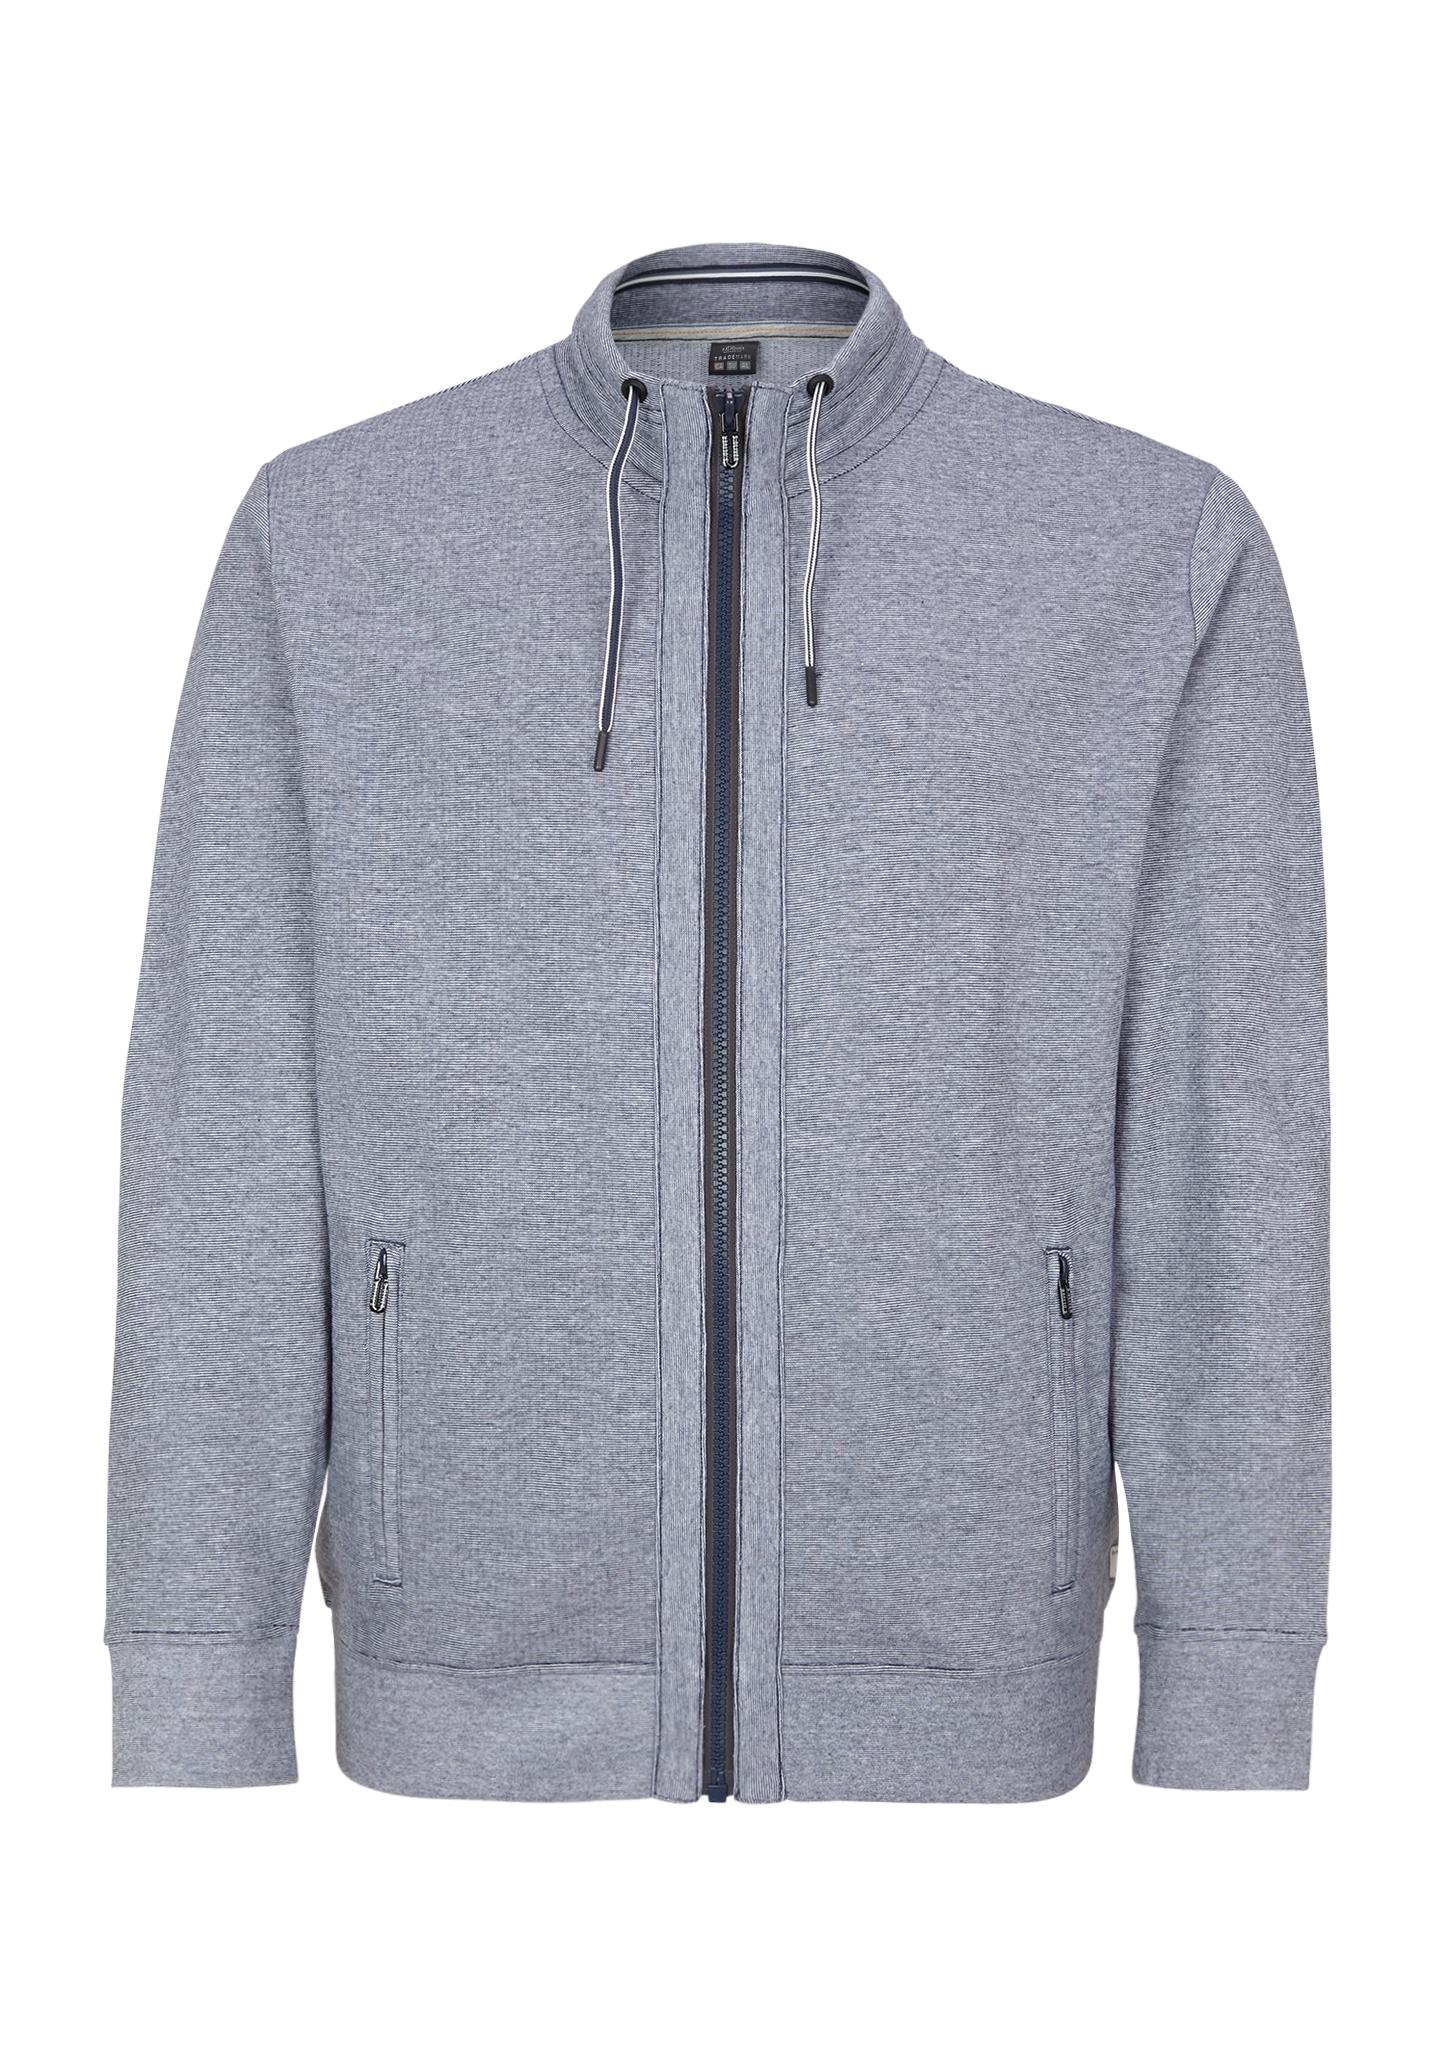 Felpa-Sweatjacke   Bekleidung > Sweatshirts & -jacken > Sweatjacken   Blau   85% baumwolle -  15% polyester   s.Oliver Men Big Sizes